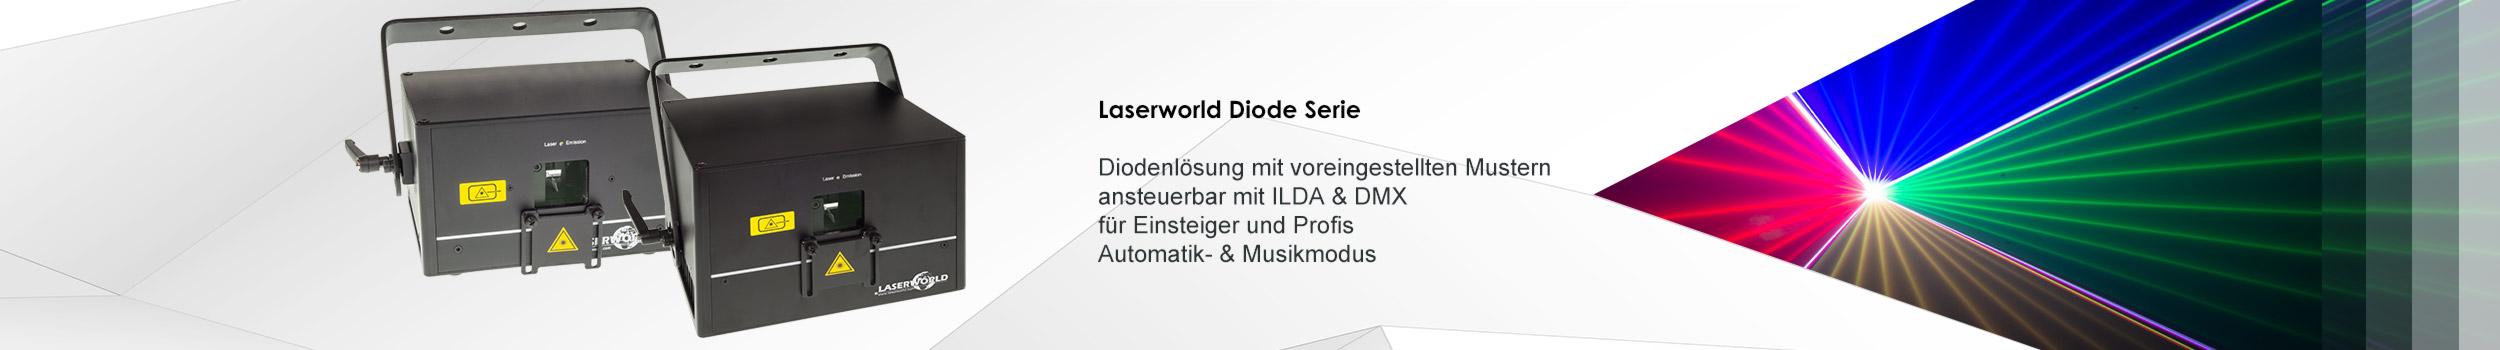 Laserworld Diode Serie Showlaser